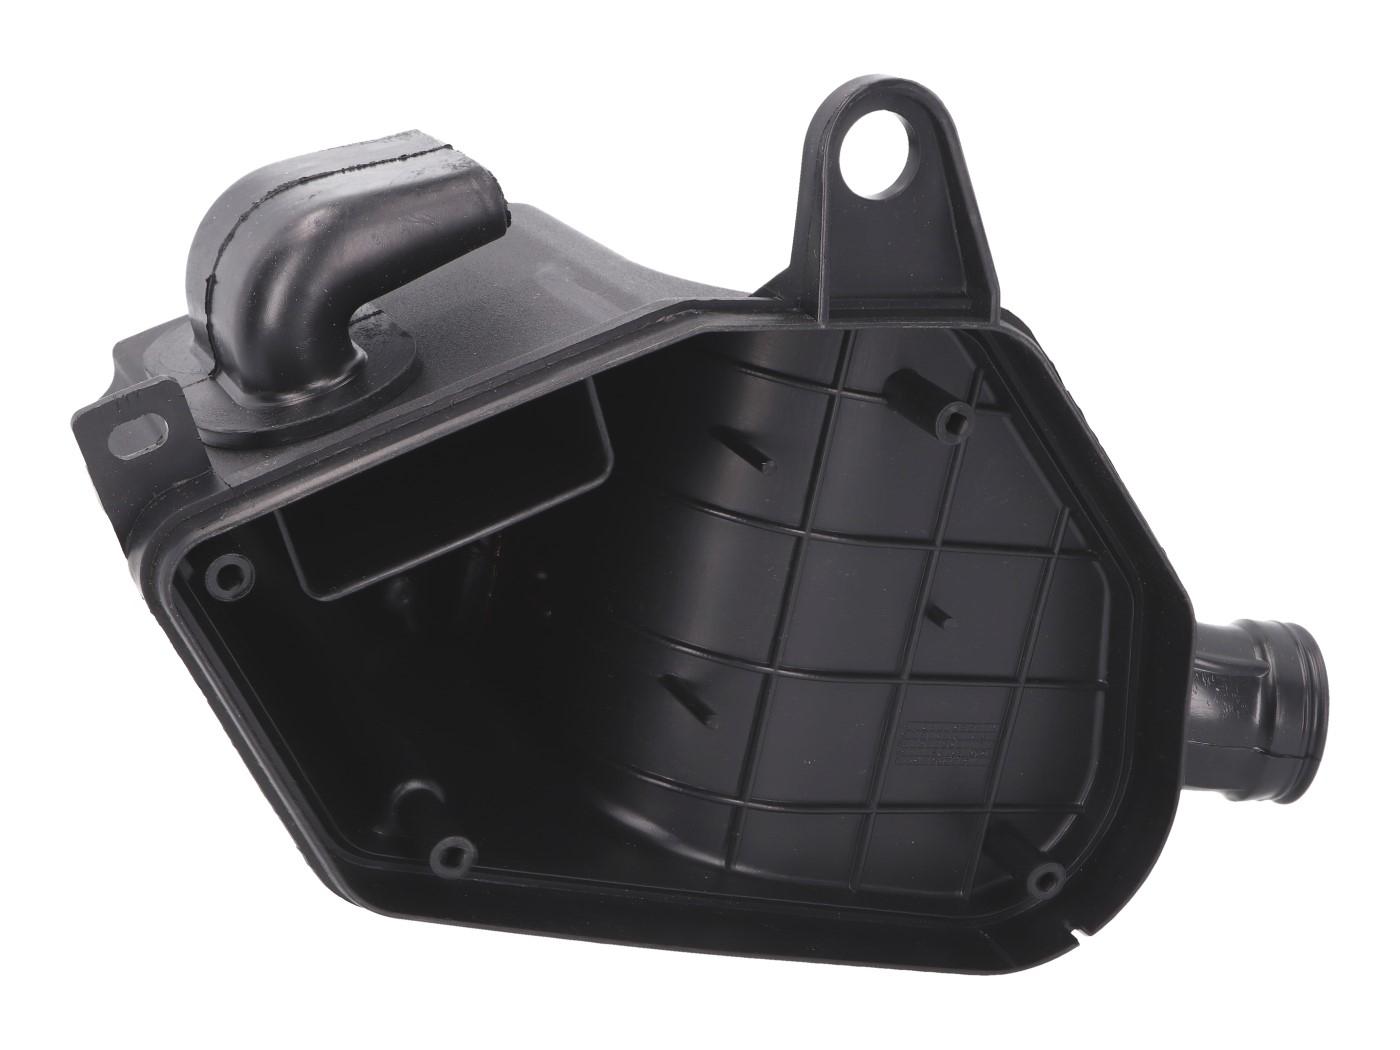 Luftfilter Einsatz f/ür RX50 Motorhispania